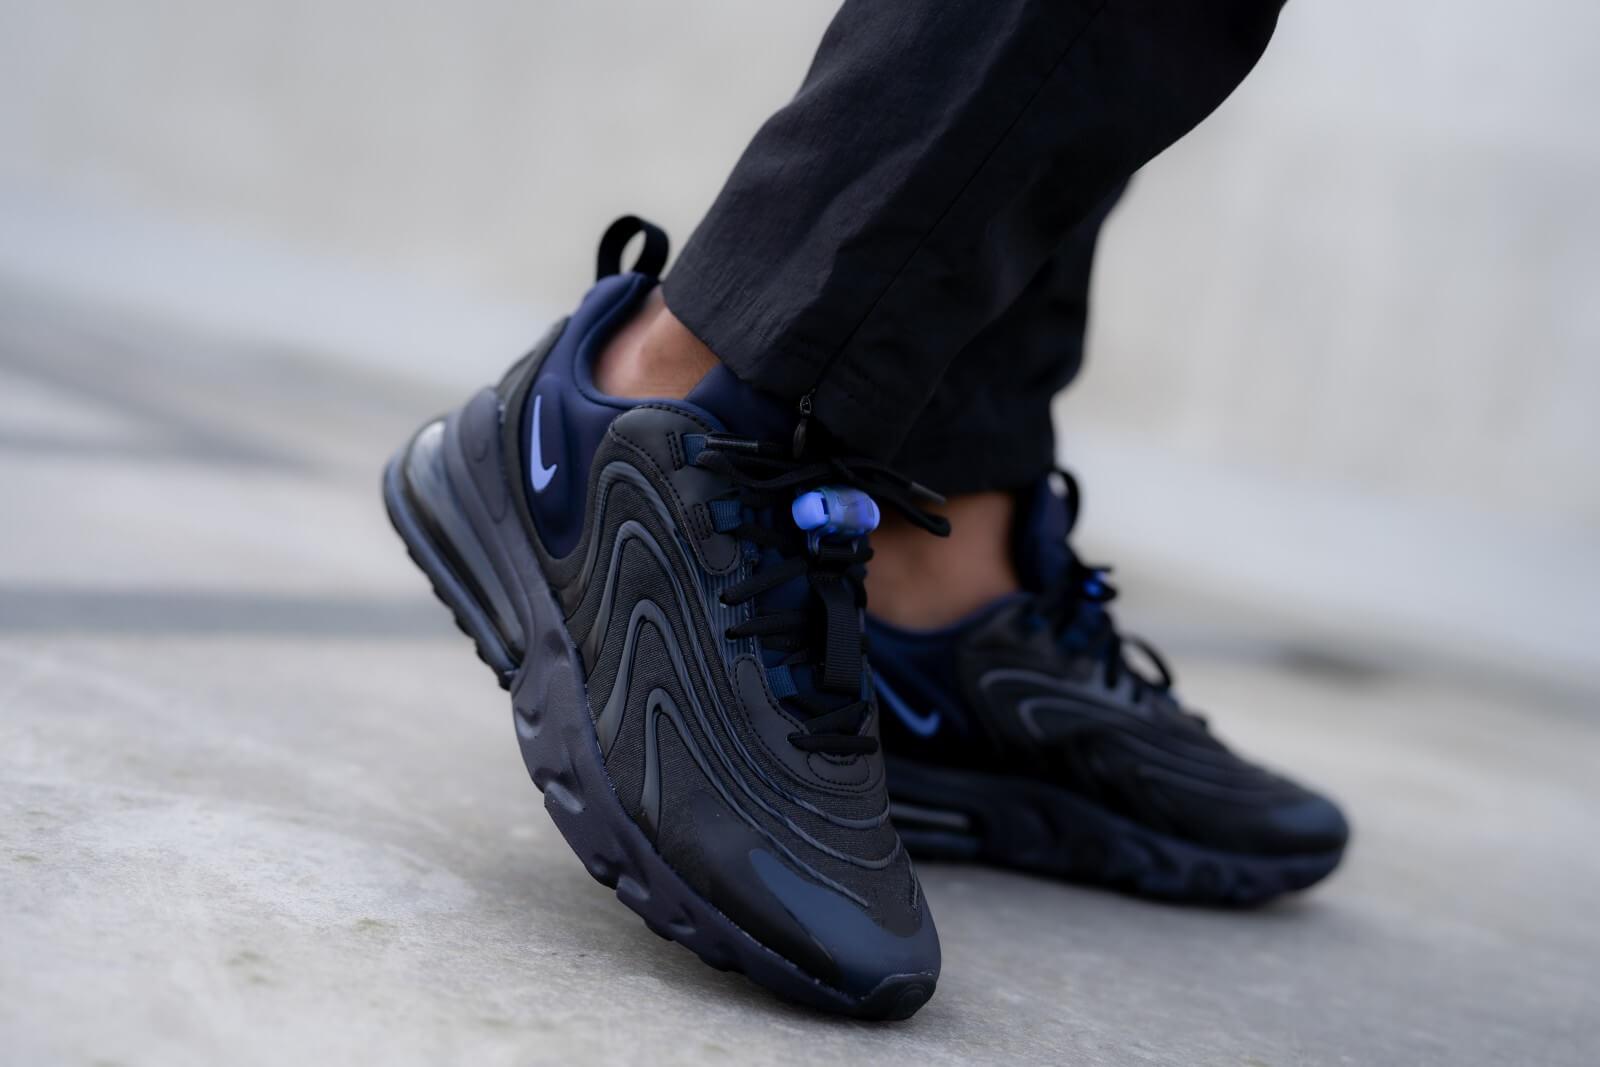 Nike Air Max 270 React Eng Black Sapphire Cd0113 001